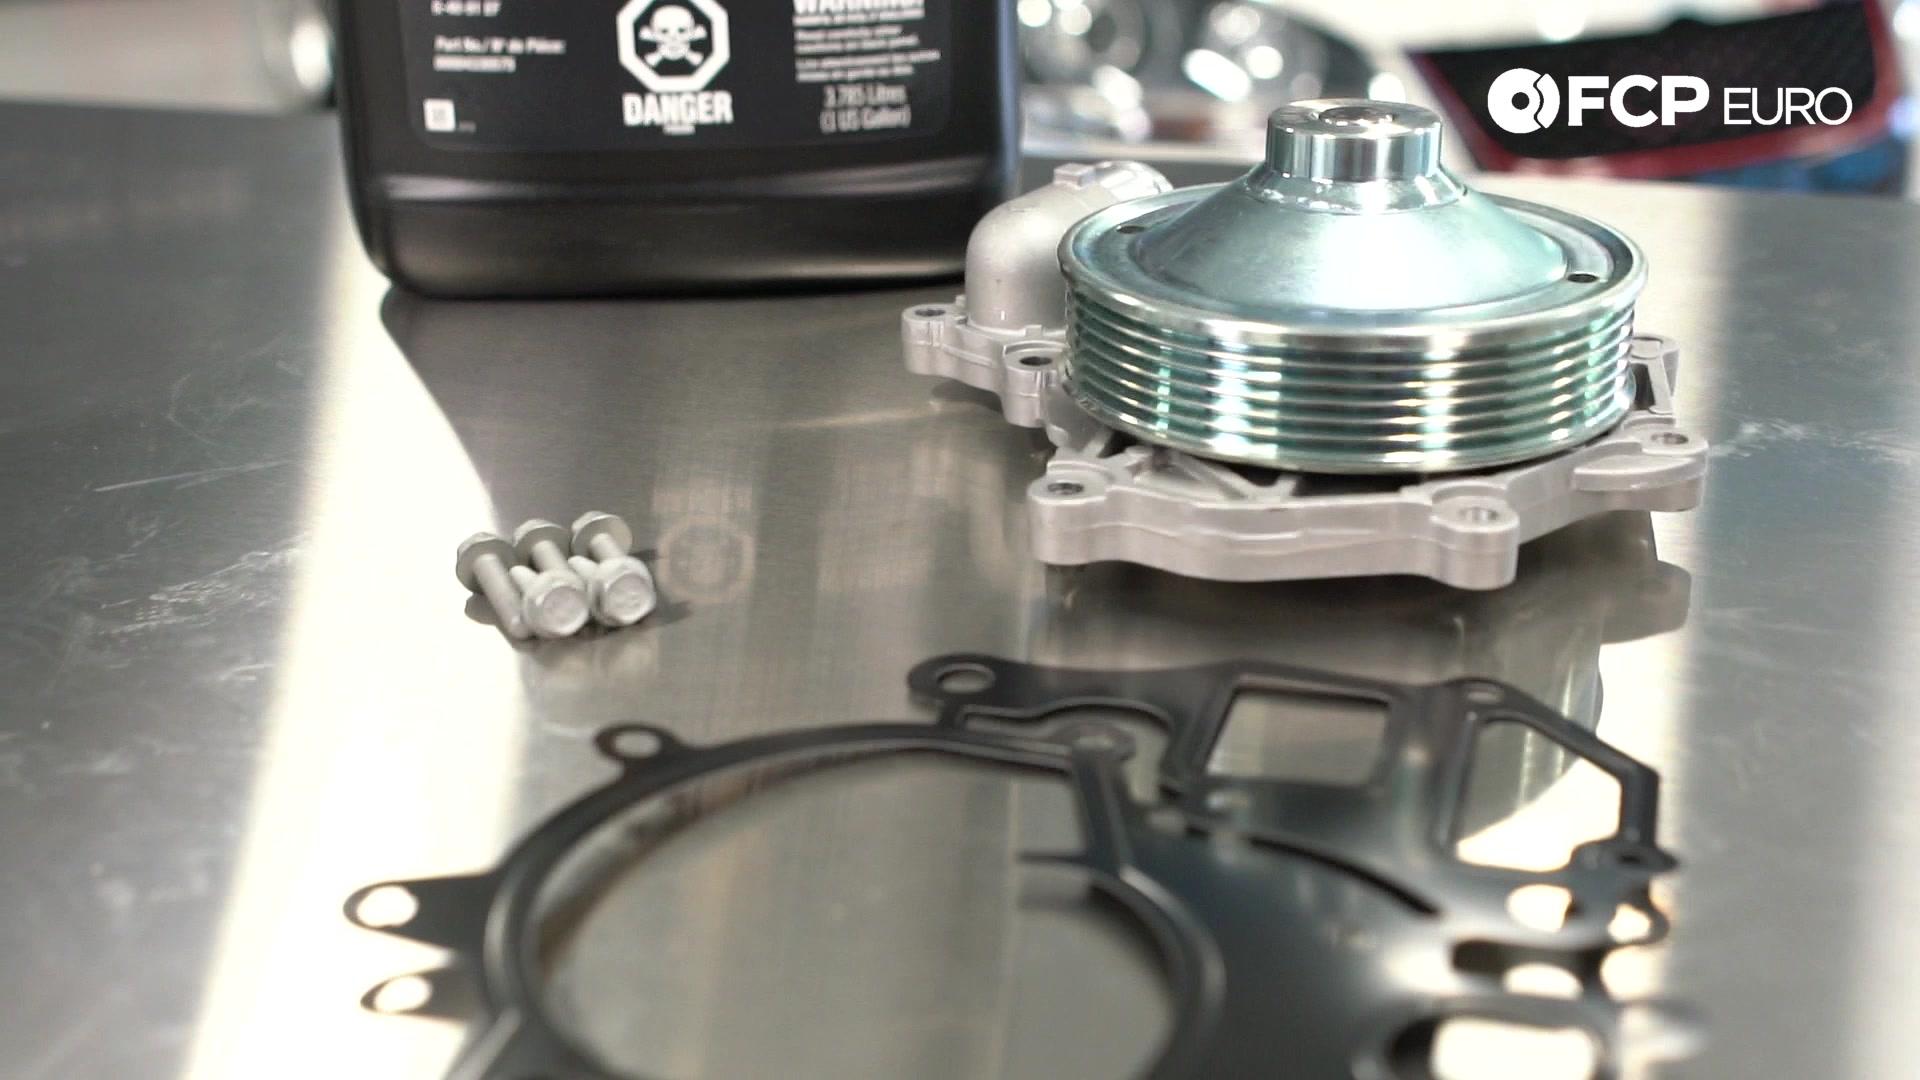 Porsche 996 911 Metal Impeller Water Pump Closeup